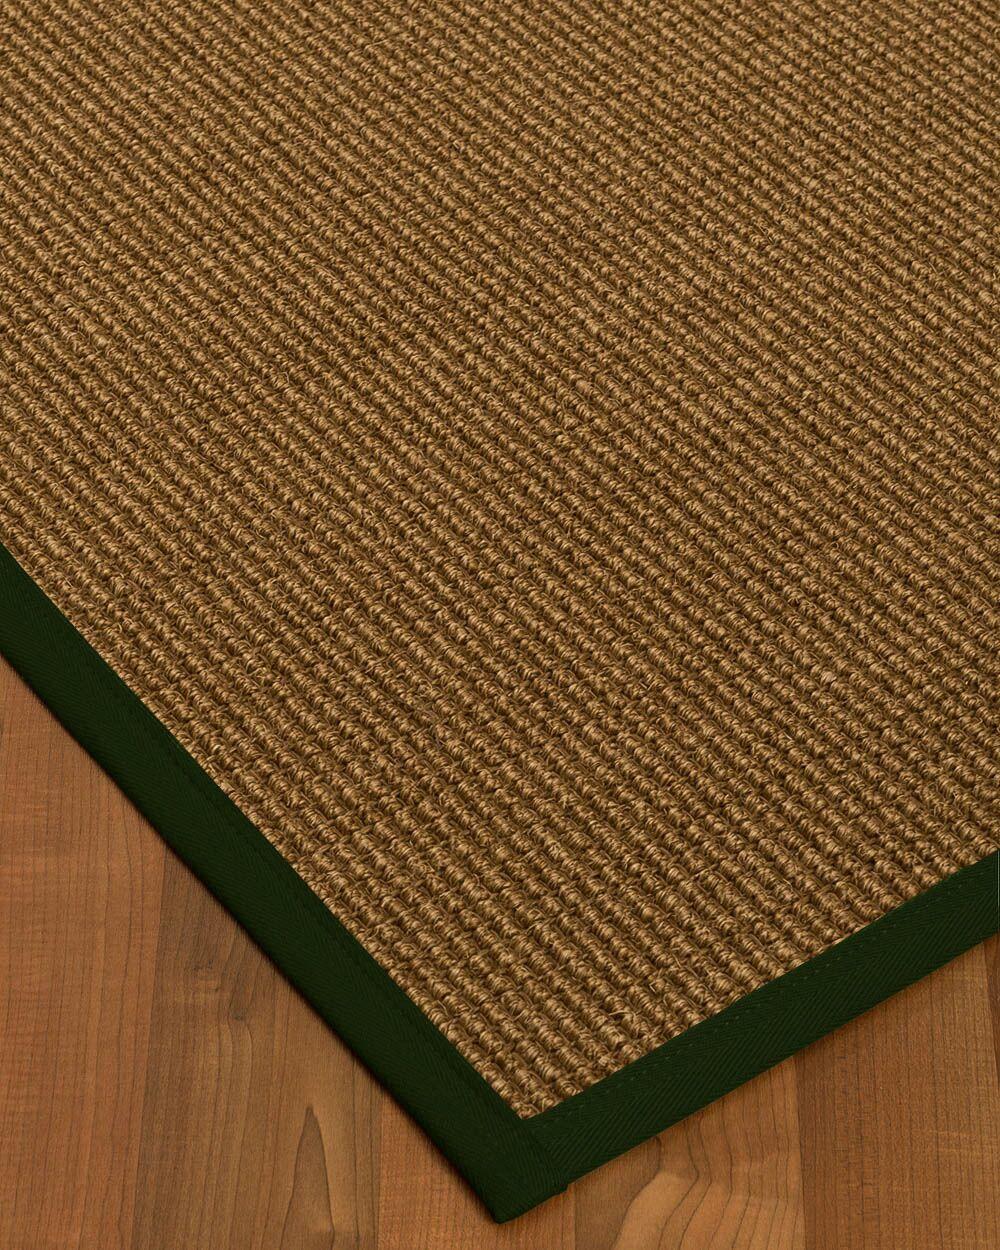 Kimbolton Hand-Woven Brown Area Rug Rug Size: Rectangle 5' x 8'